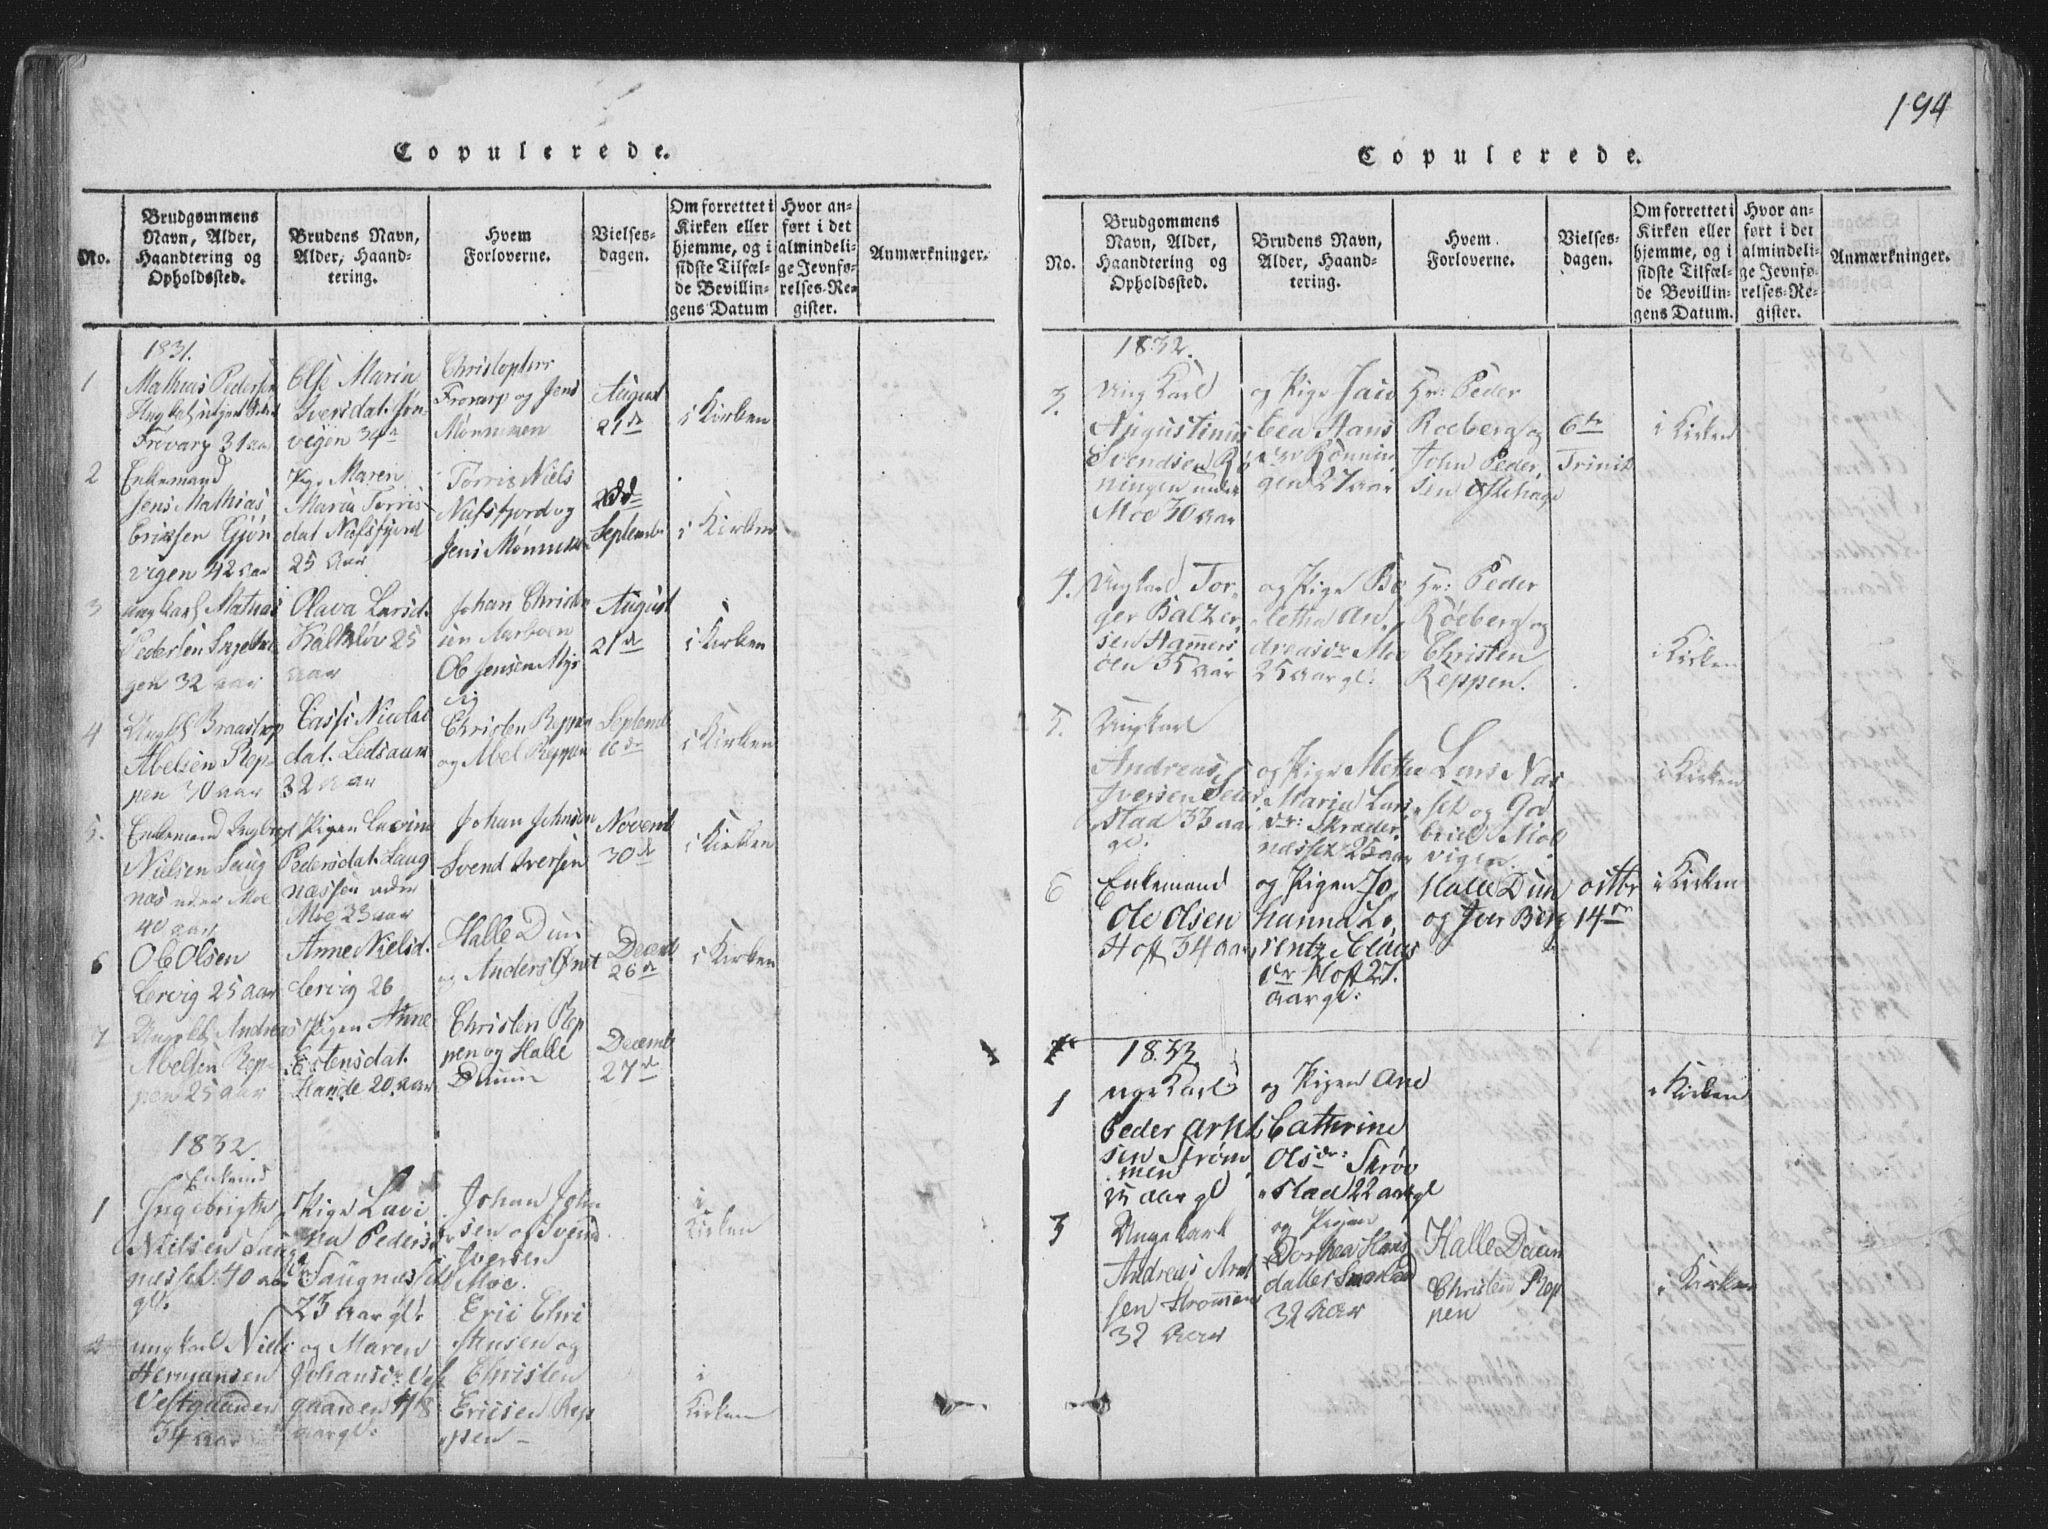 SAT, Ministerialprotokoller, klokkerbøker og fødselsregistre - Nord-Trøndelag, 773/L0613: Ministerialbok nr. 773A04, 1815-1845, s. 194